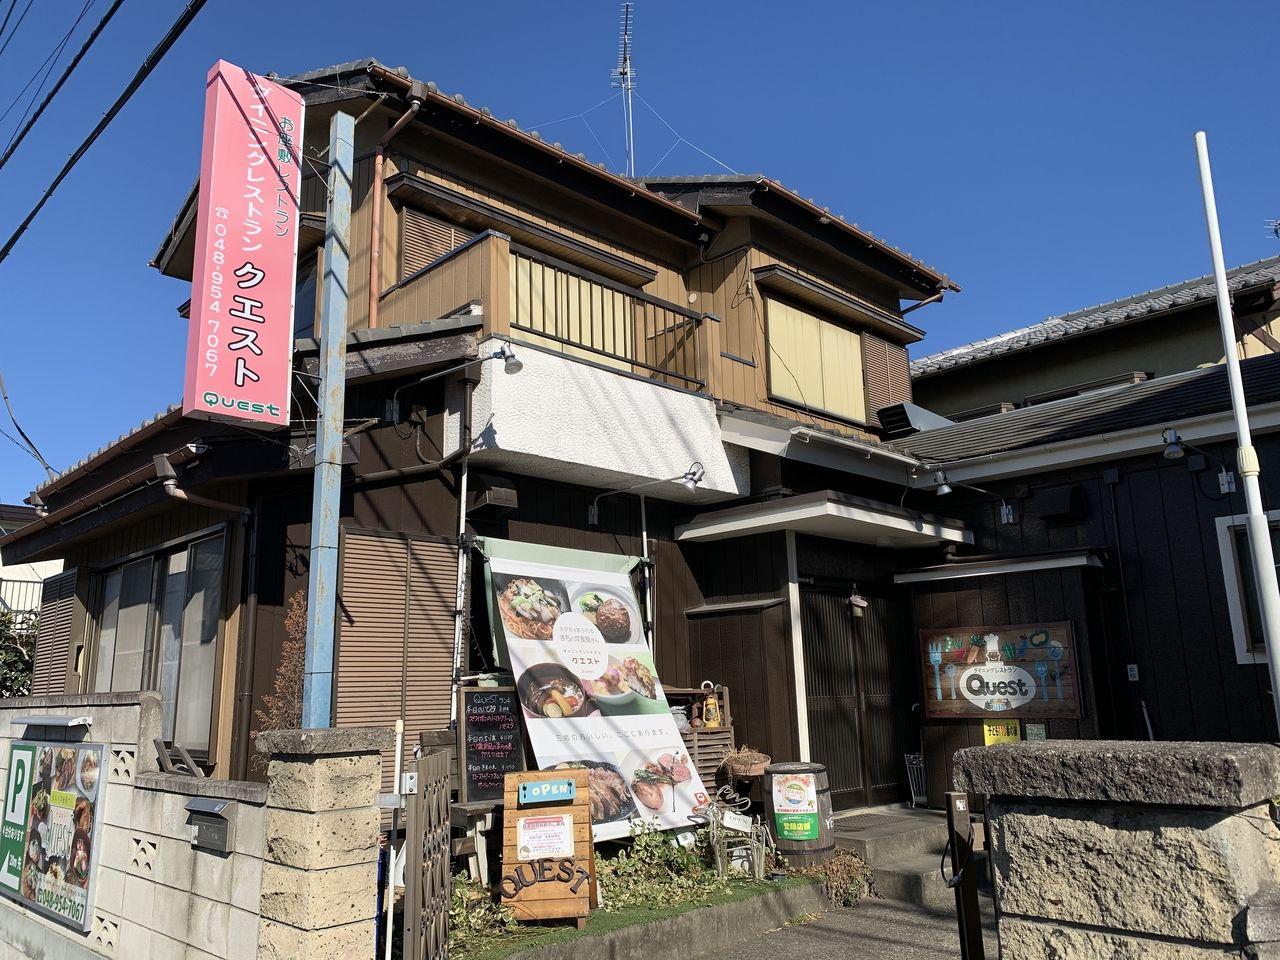 【三郷市食べ歩きブログ】三郷市鷹野3丁目のダイニングレストラン「Quest」さんでランチをしてきました!